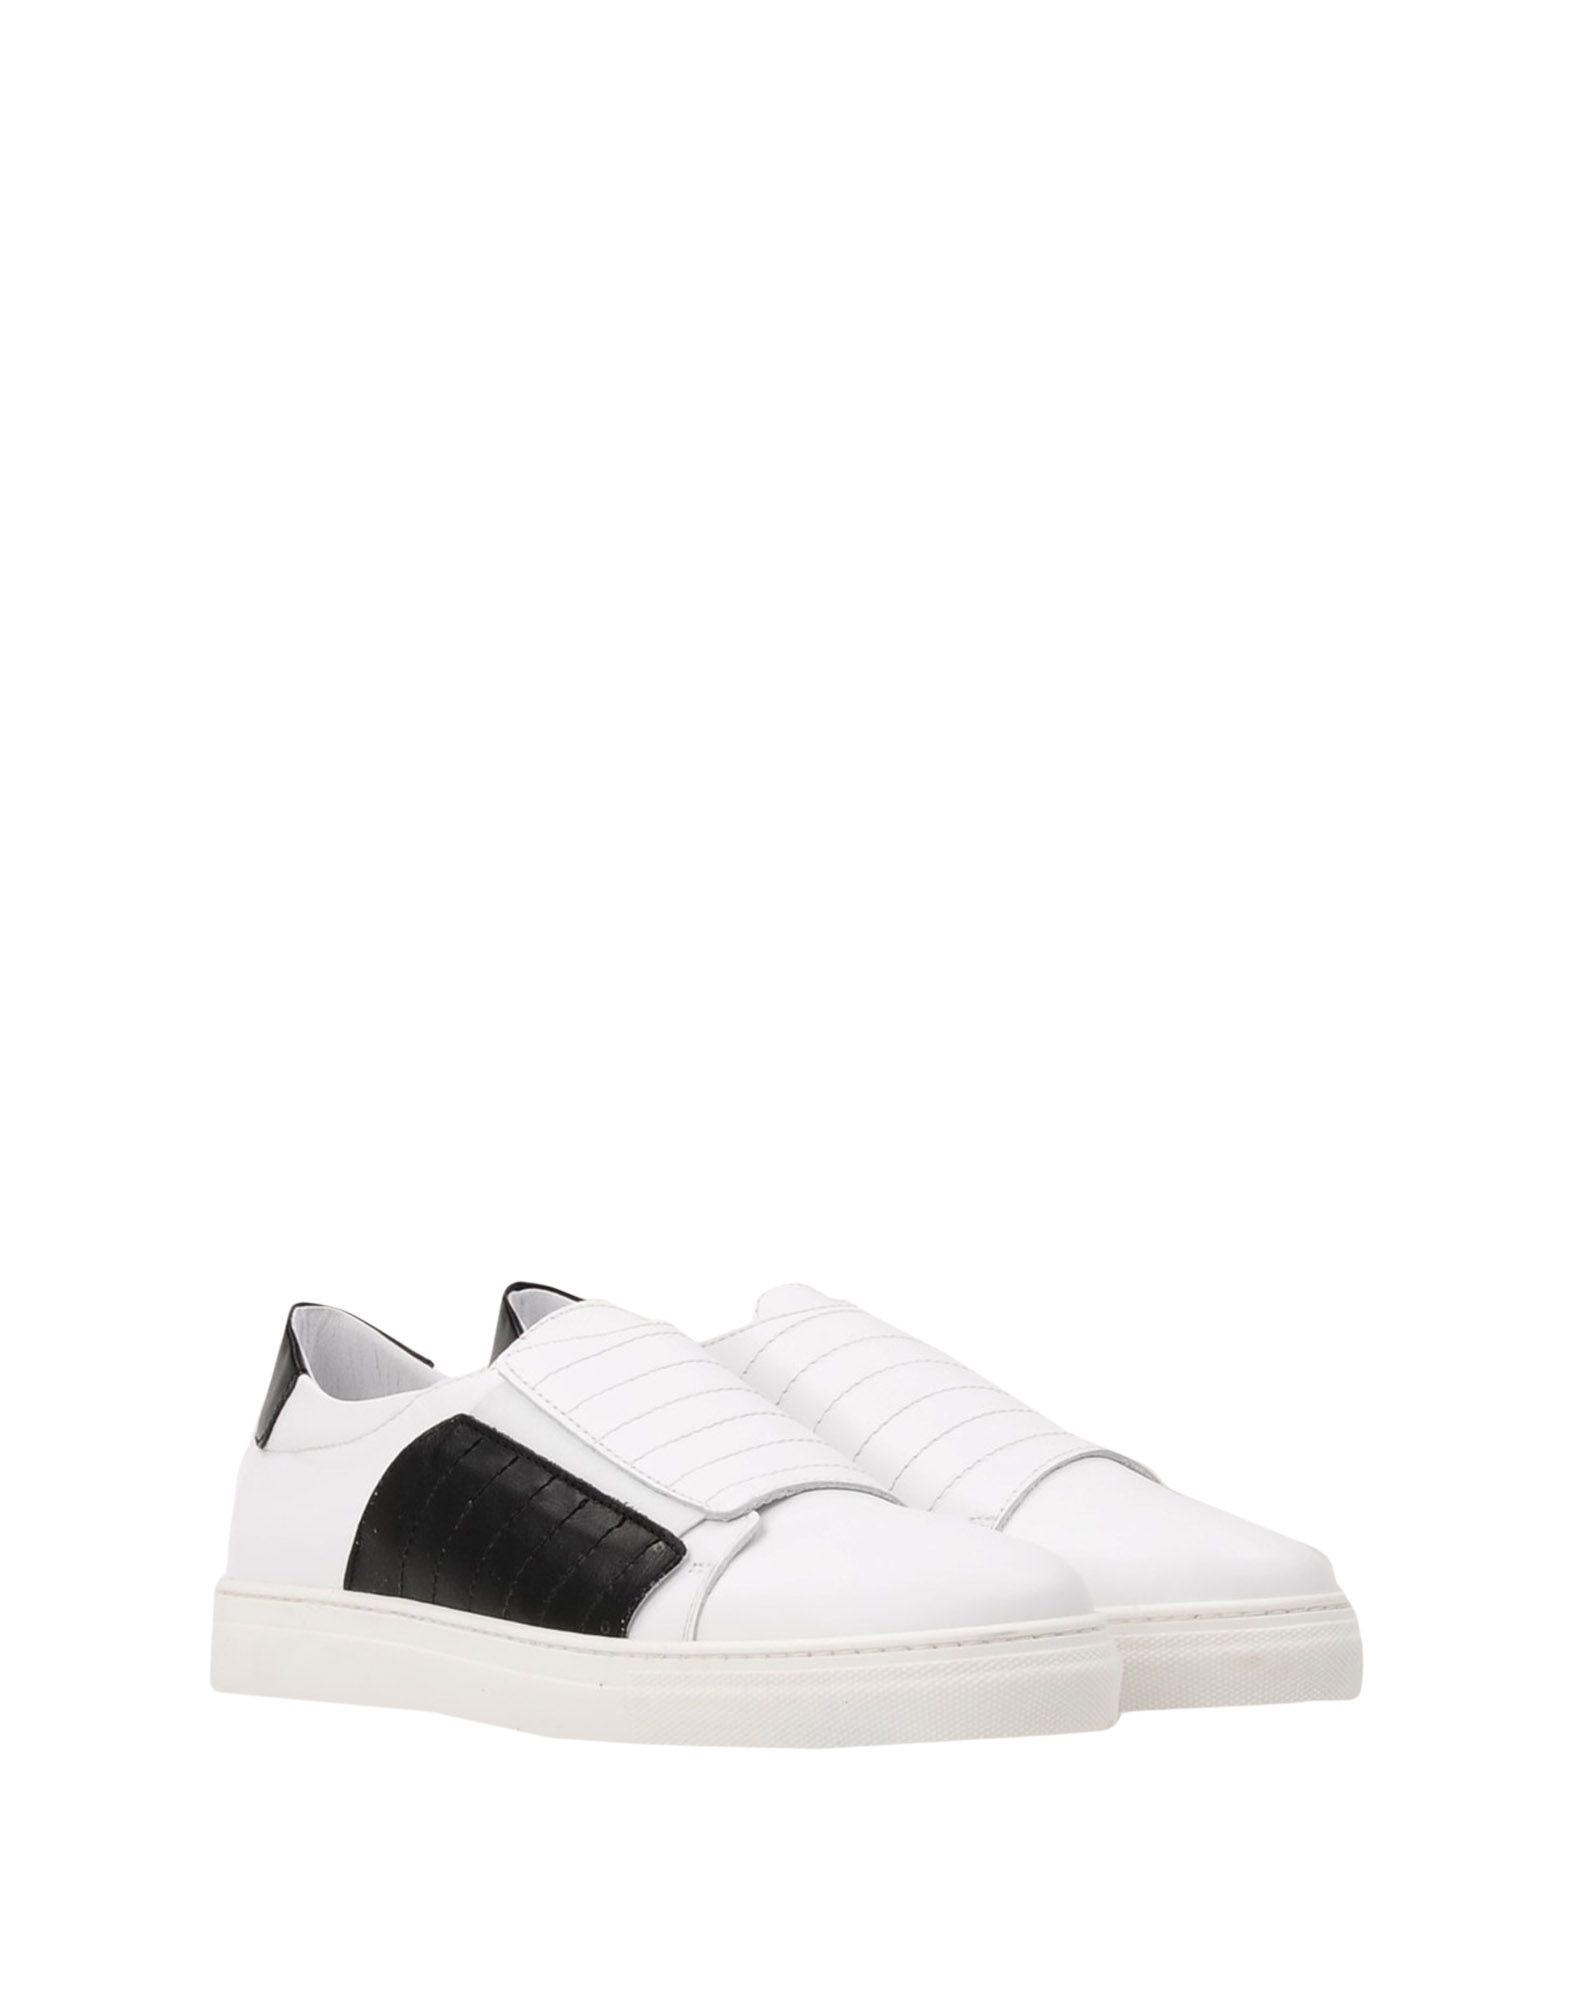 8 Sneakers Damen  11423321AD Gute Qualität beliebte Schuhe